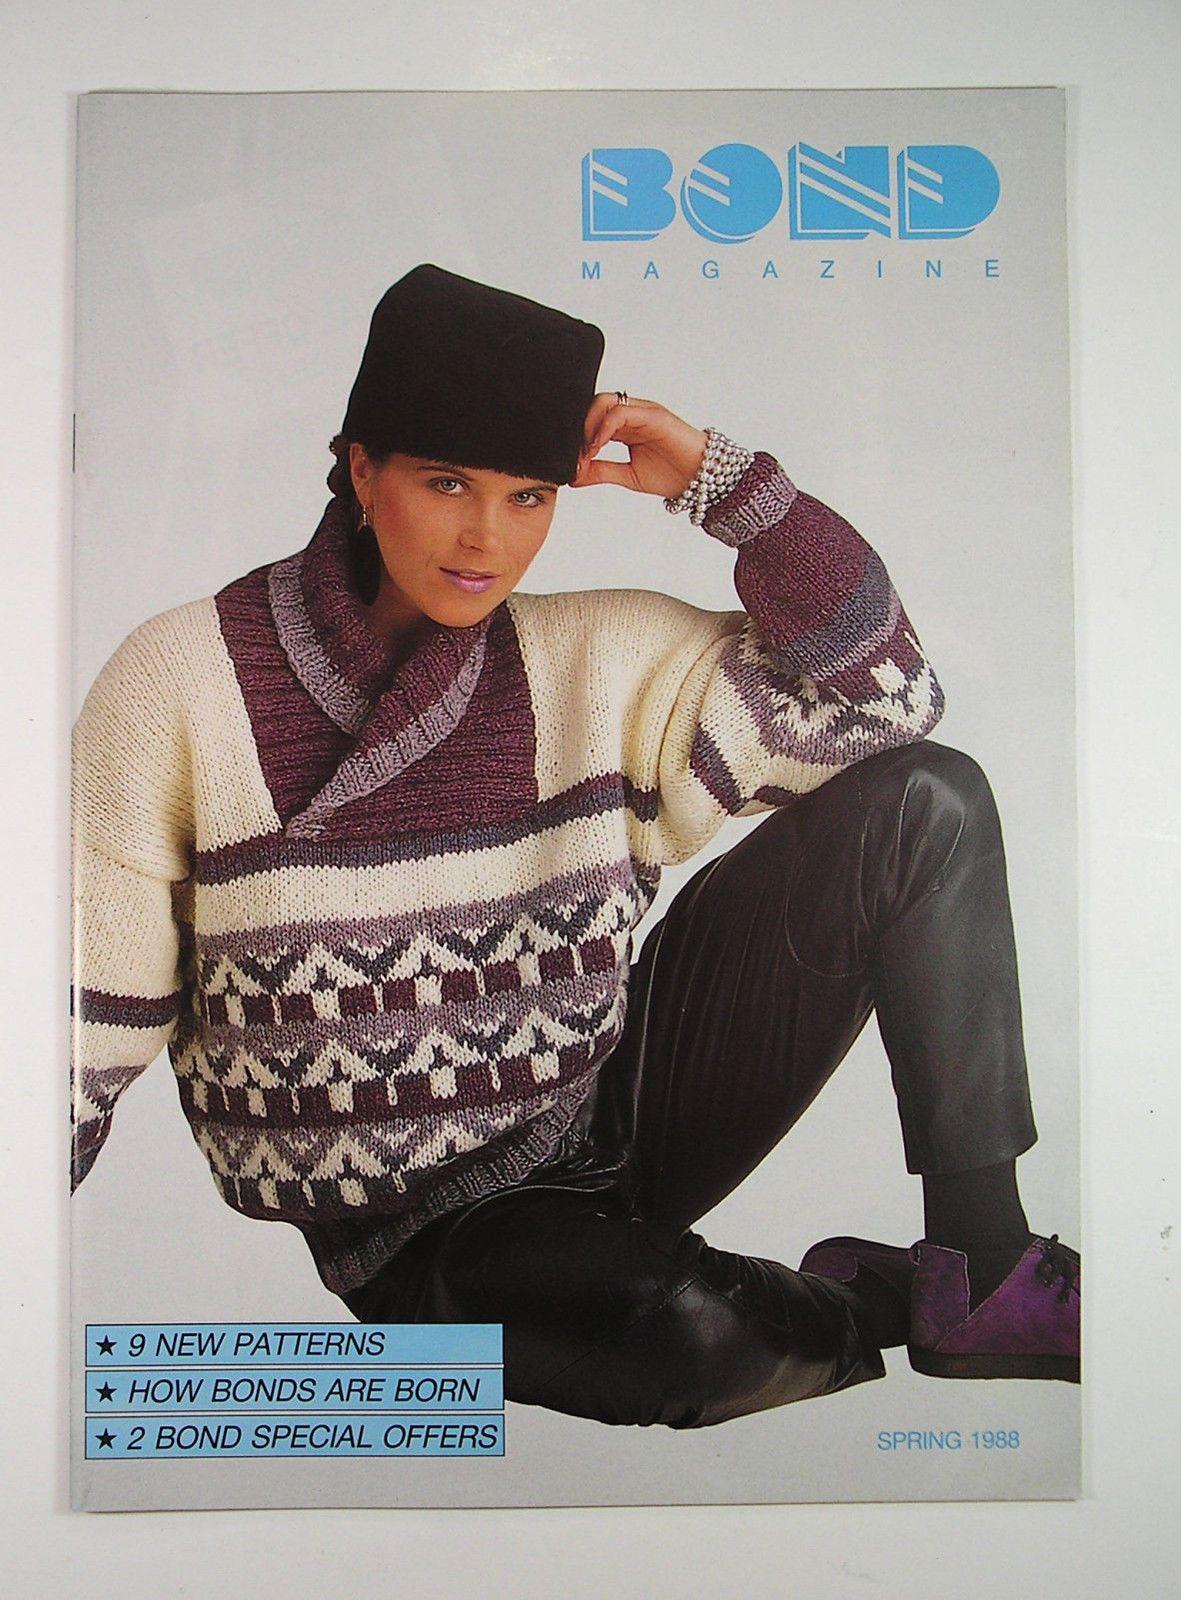 Bond knitting magazine spring 1988 | Knitting magazine, Magazine ...